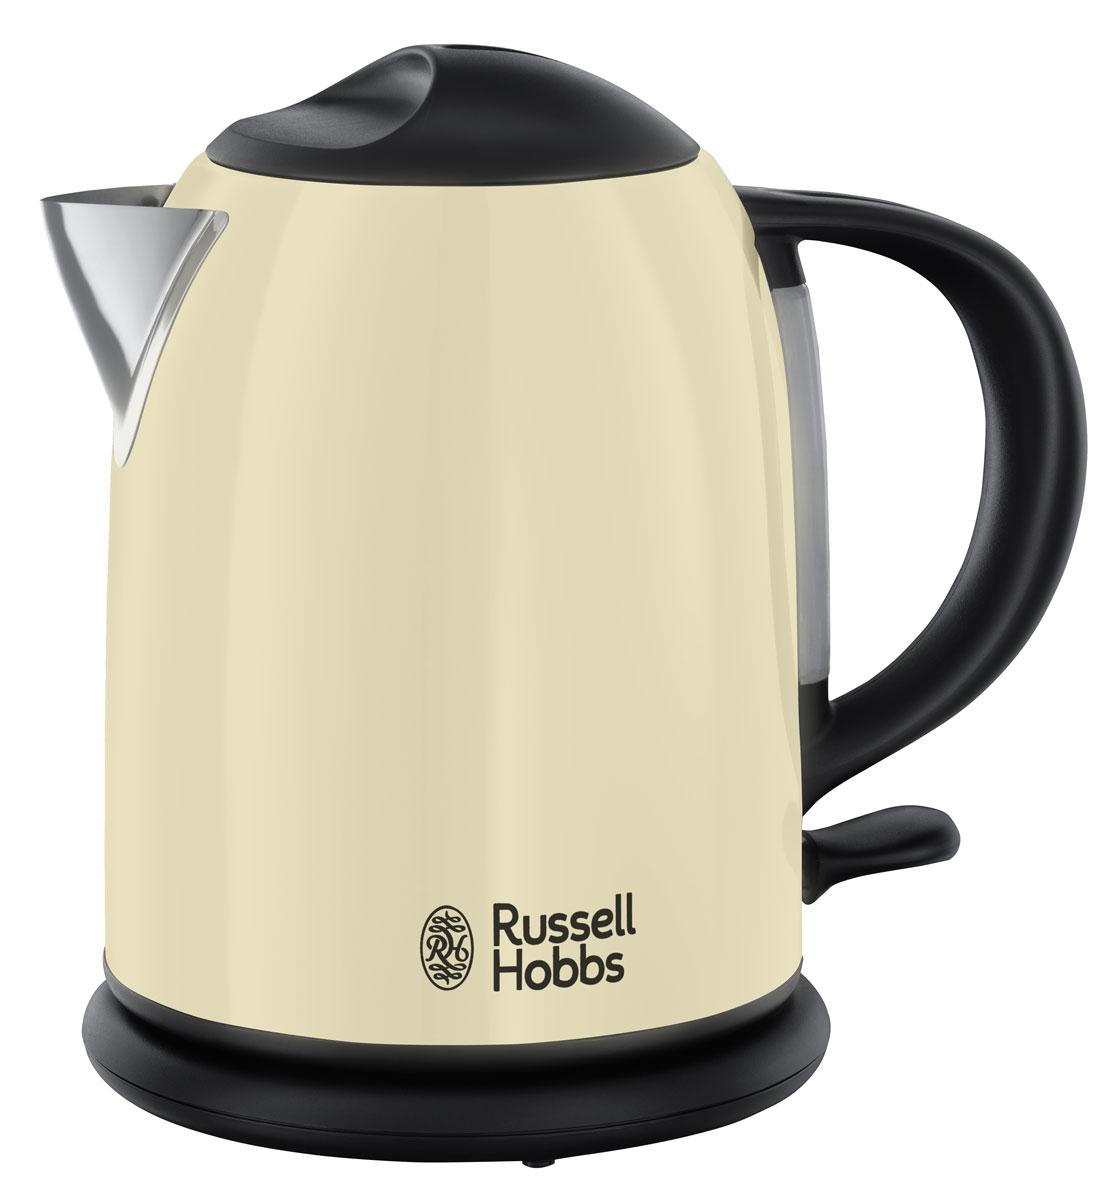 Russell Hobbs Colours Classic Cream 20194-70 электрический чайник20194-70Компактный - объем 1.0 литр, Зоны быстрого кипячения на 1-2-3 чашки, Кипячение одной чашки за 55 секунд*, Экономия до 66% электроэнергии**, «Идеальный носик» – против капель, Индикатор уровня воды, Светодиодный индикатор включения, Вращение на 360°. Скрытый нагревательный элемент. Съемный моющийся фильтр для воды.